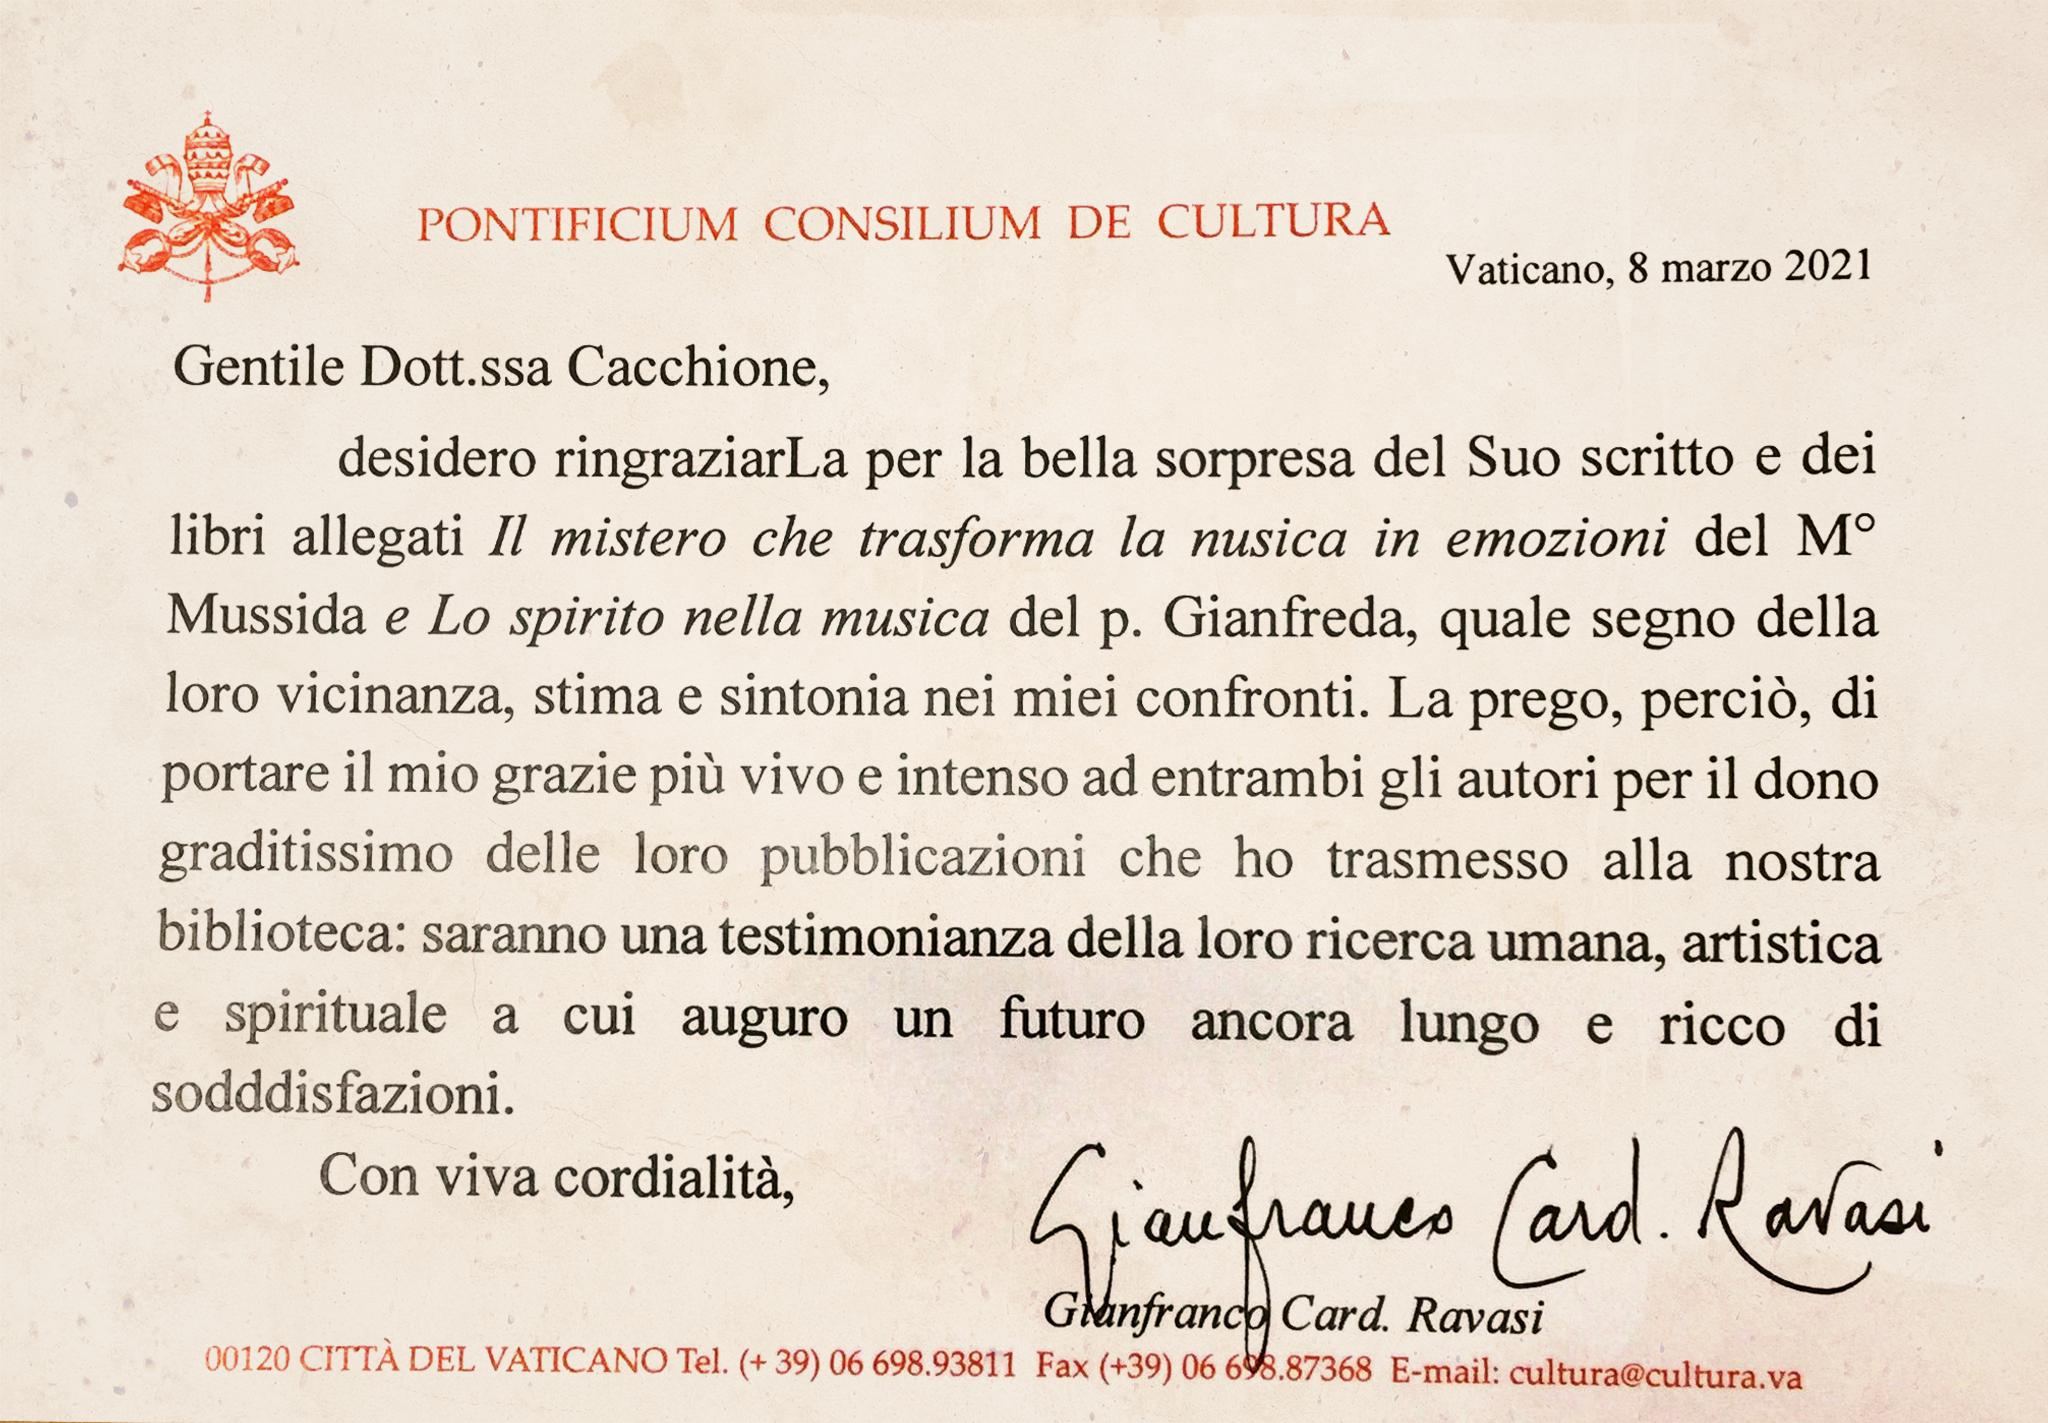 """""""Il mistero che trasforma la musica in emozioni"""" e """"Lo spirito nella musica"""" nella Biblioteca Vaticana"""